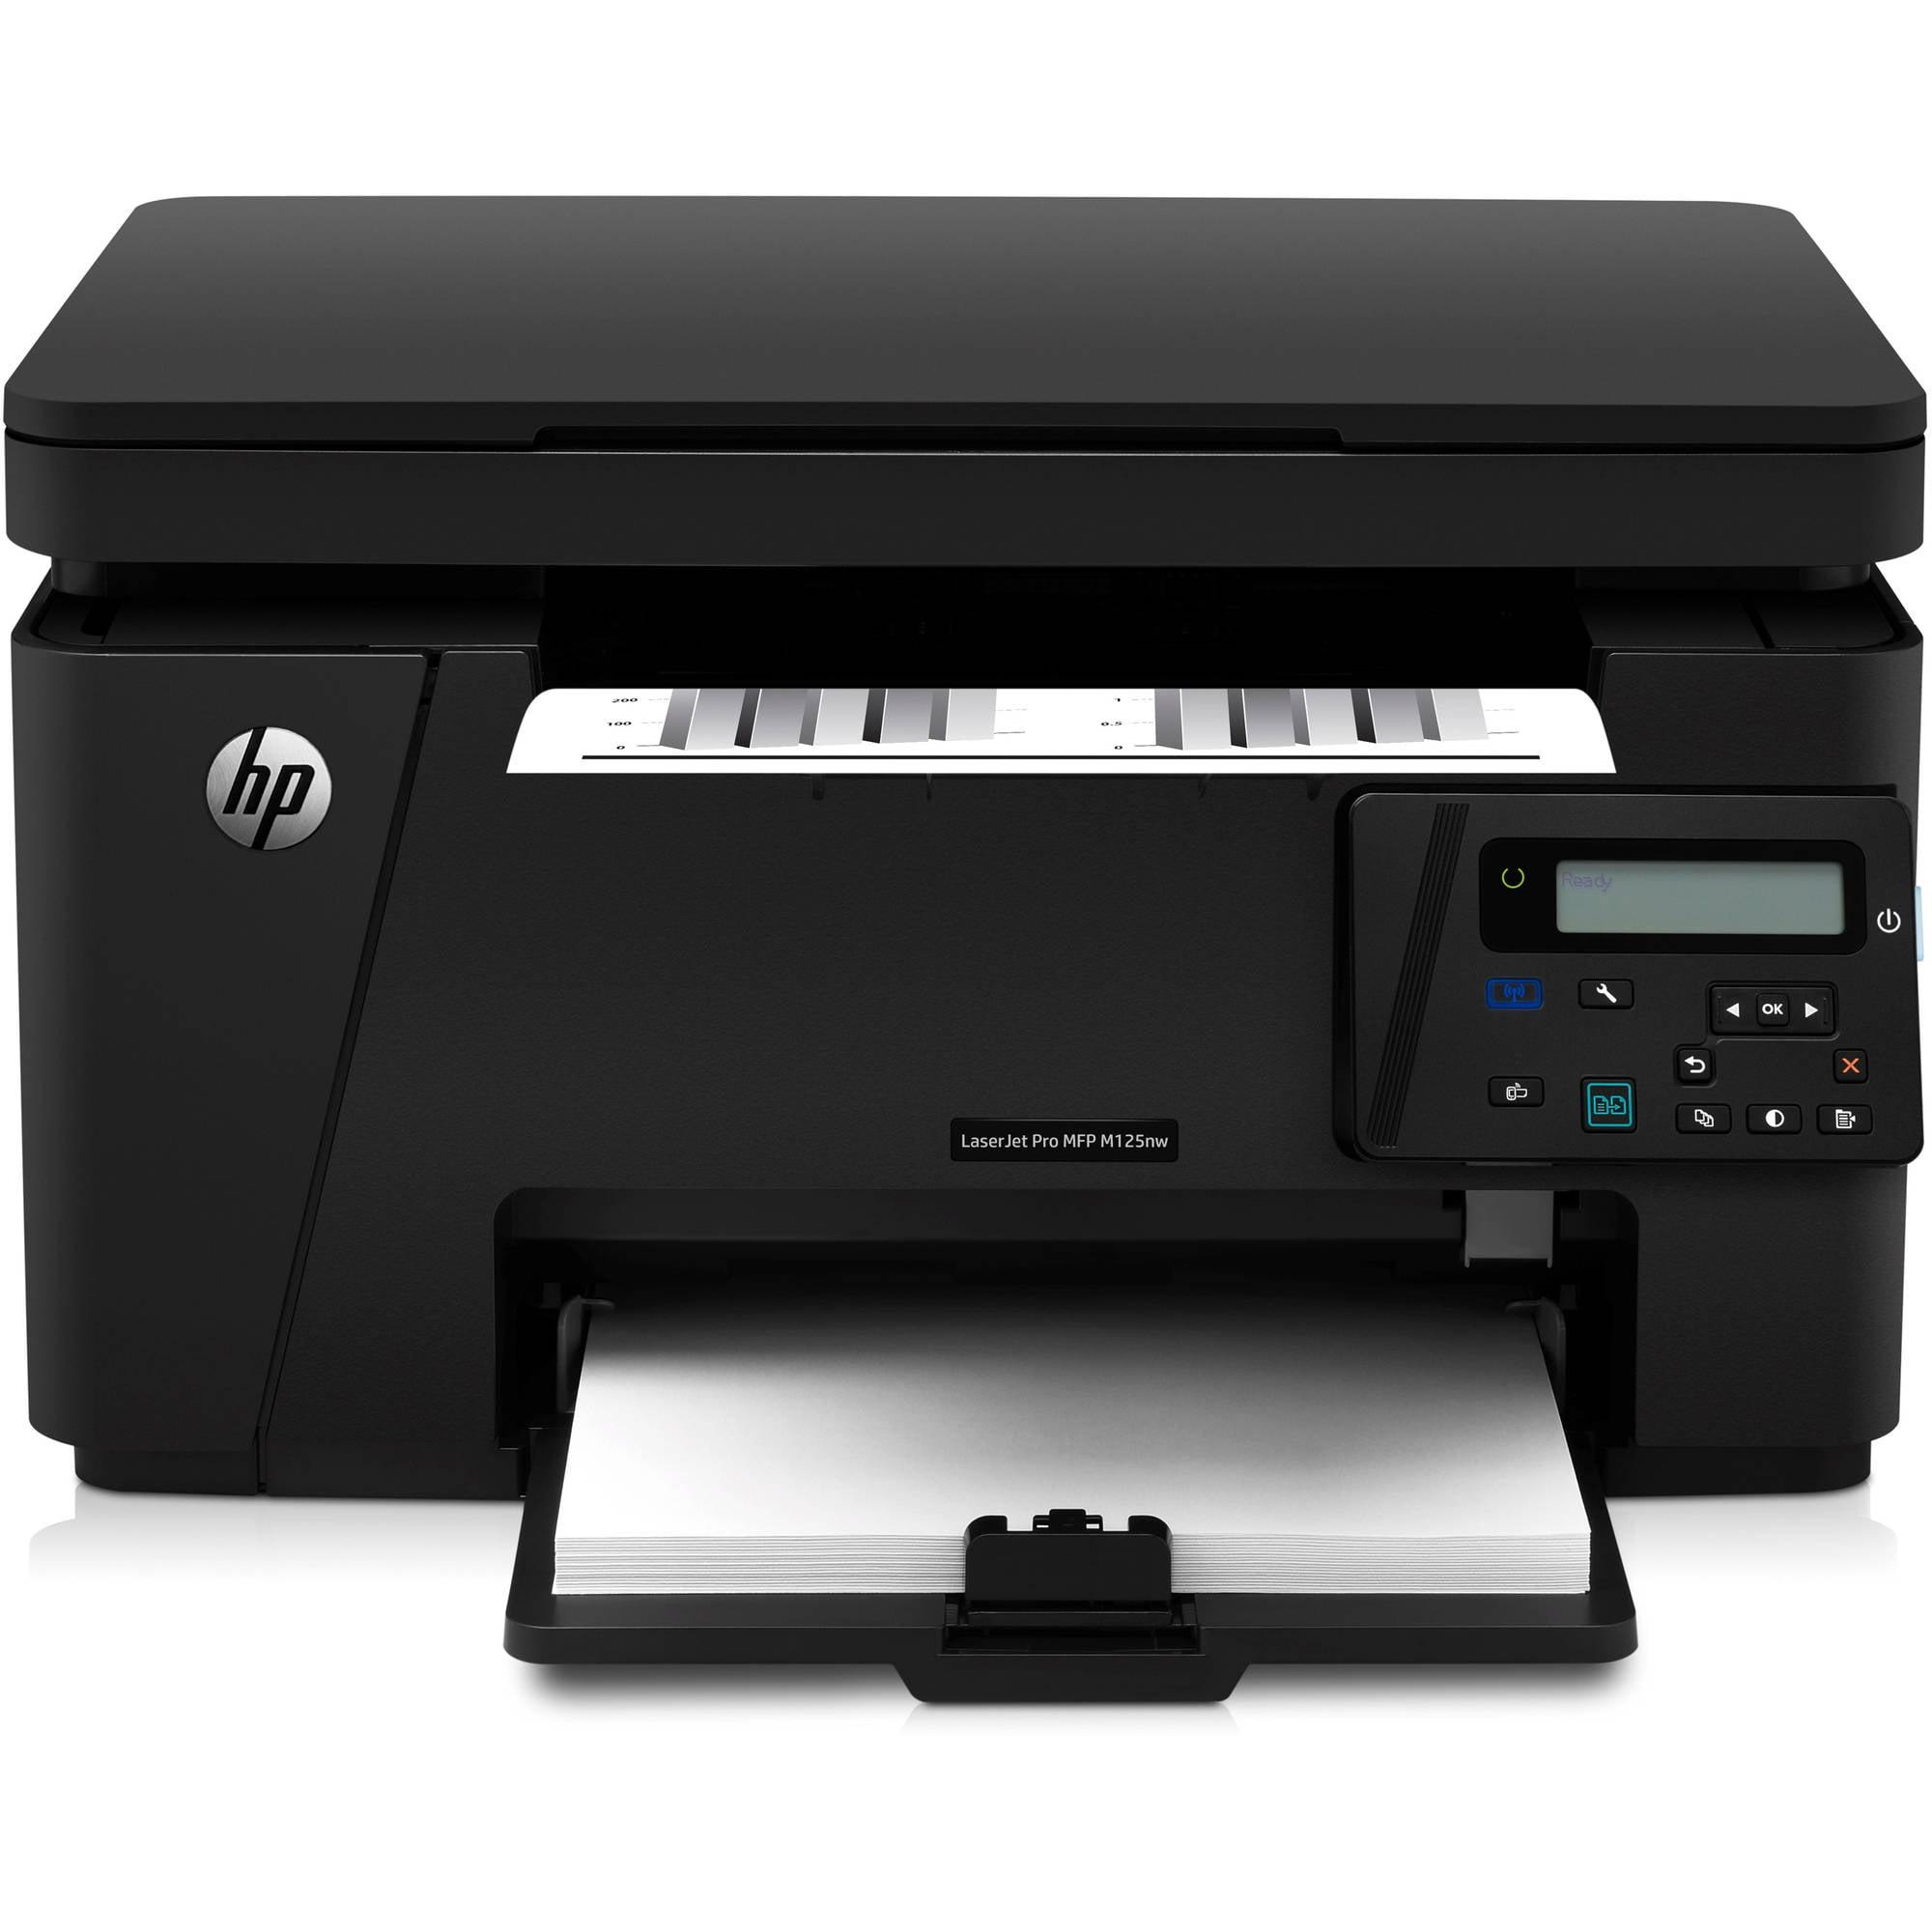 mfc l2680w laser all in one printer copier scanner fax machine